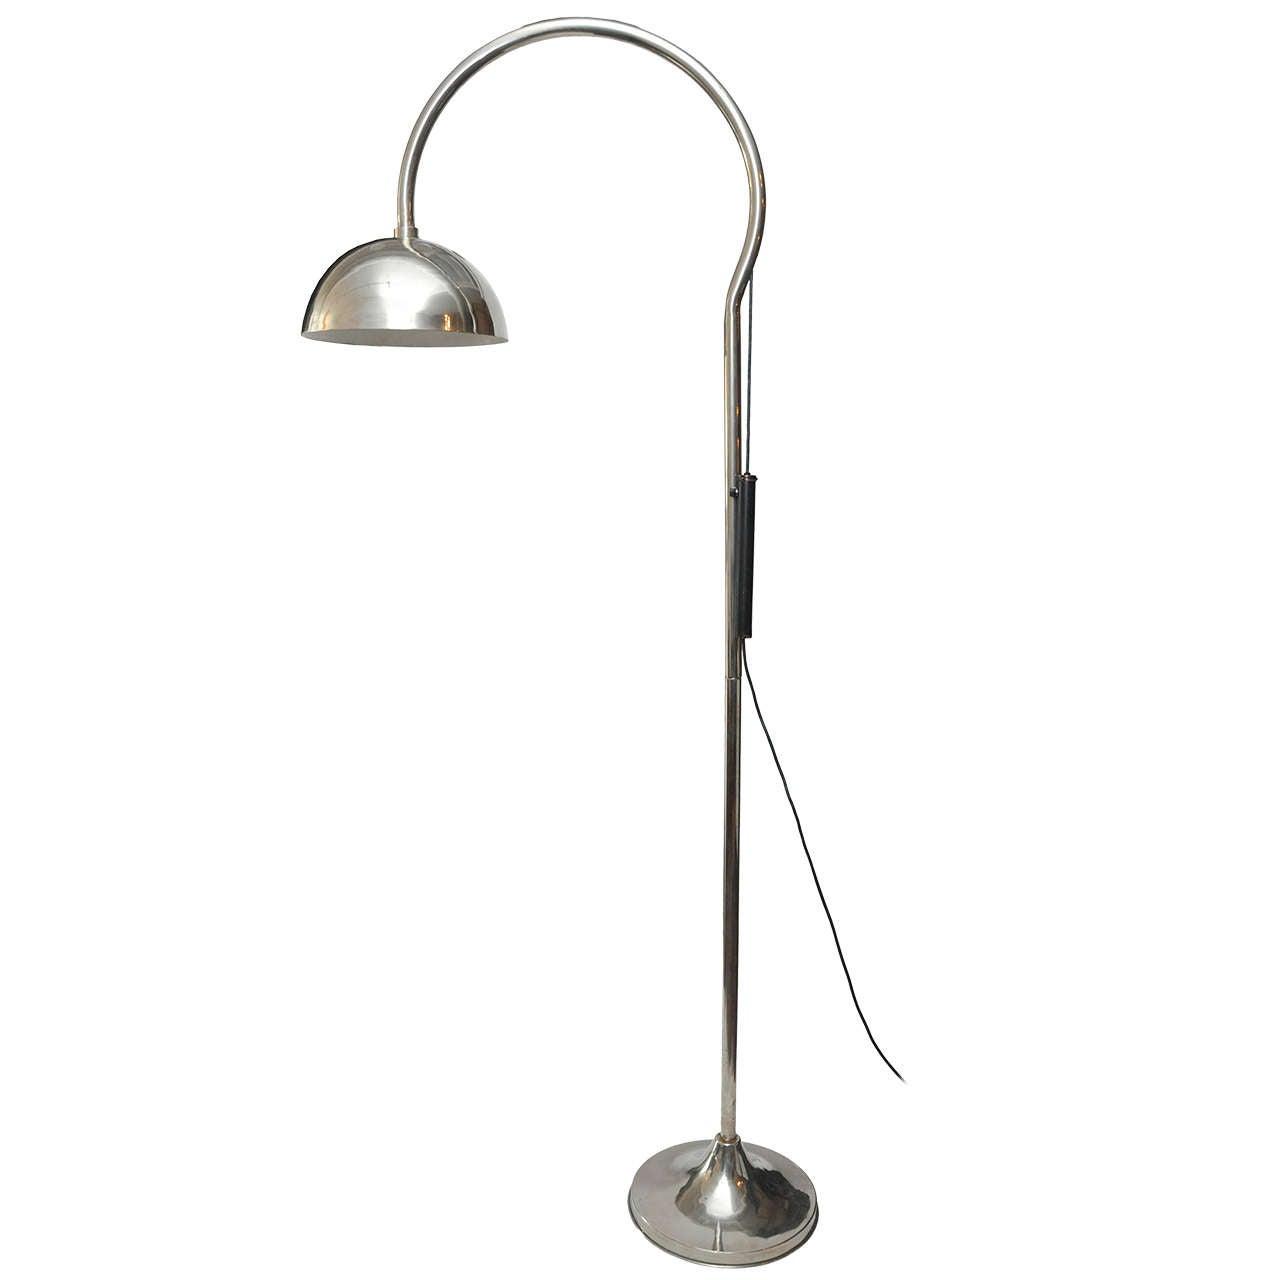 Midcentury Italian Gooseneck Floor Lamp At 1stdibs